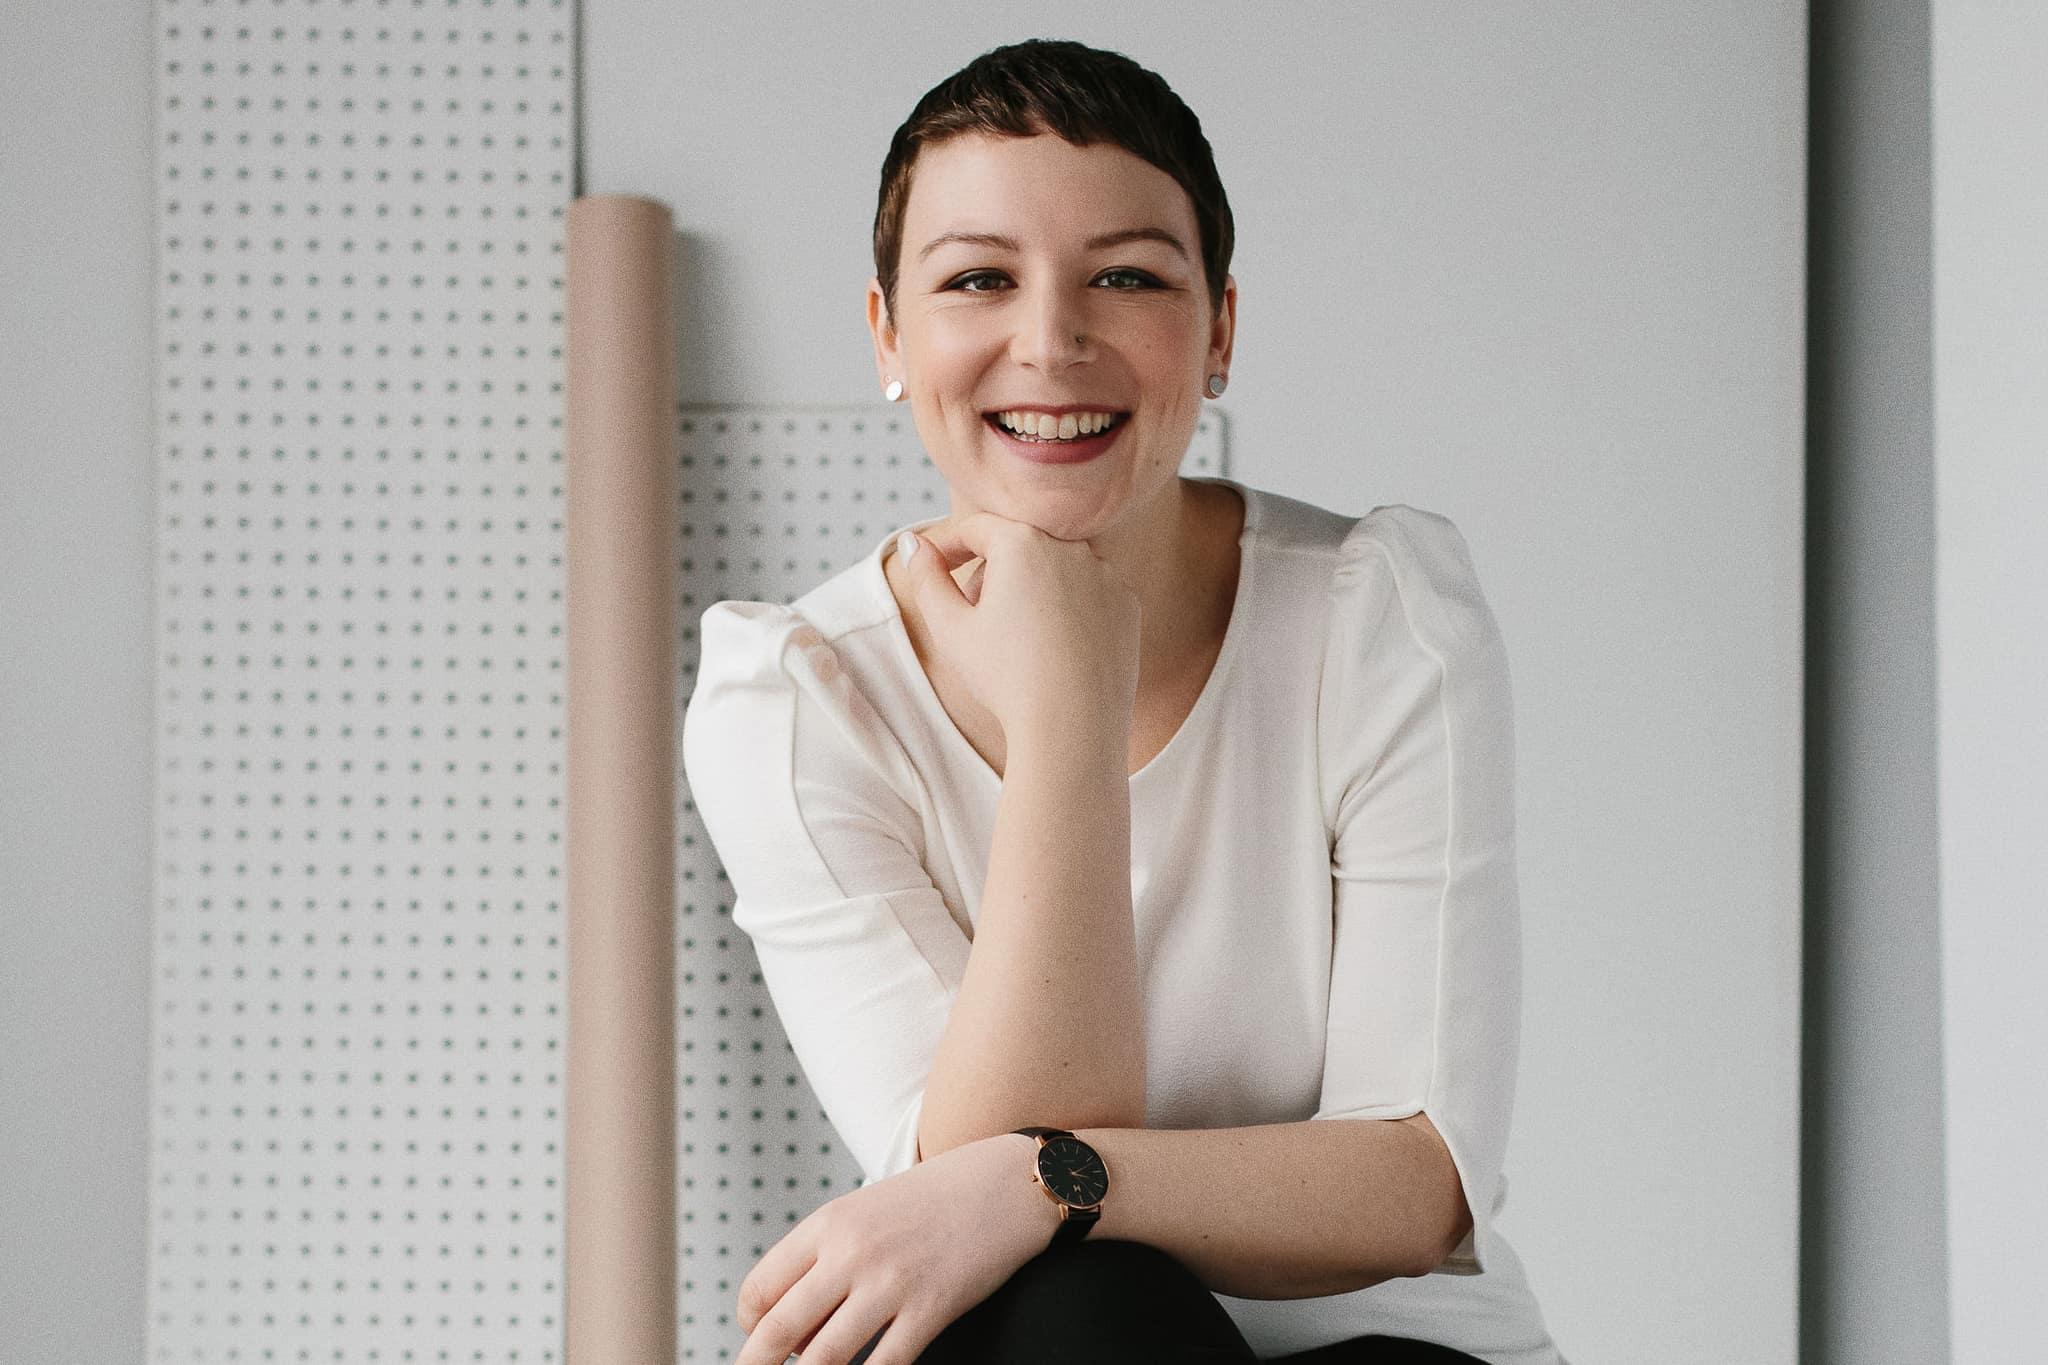 Laura-Main-Photo.jpg